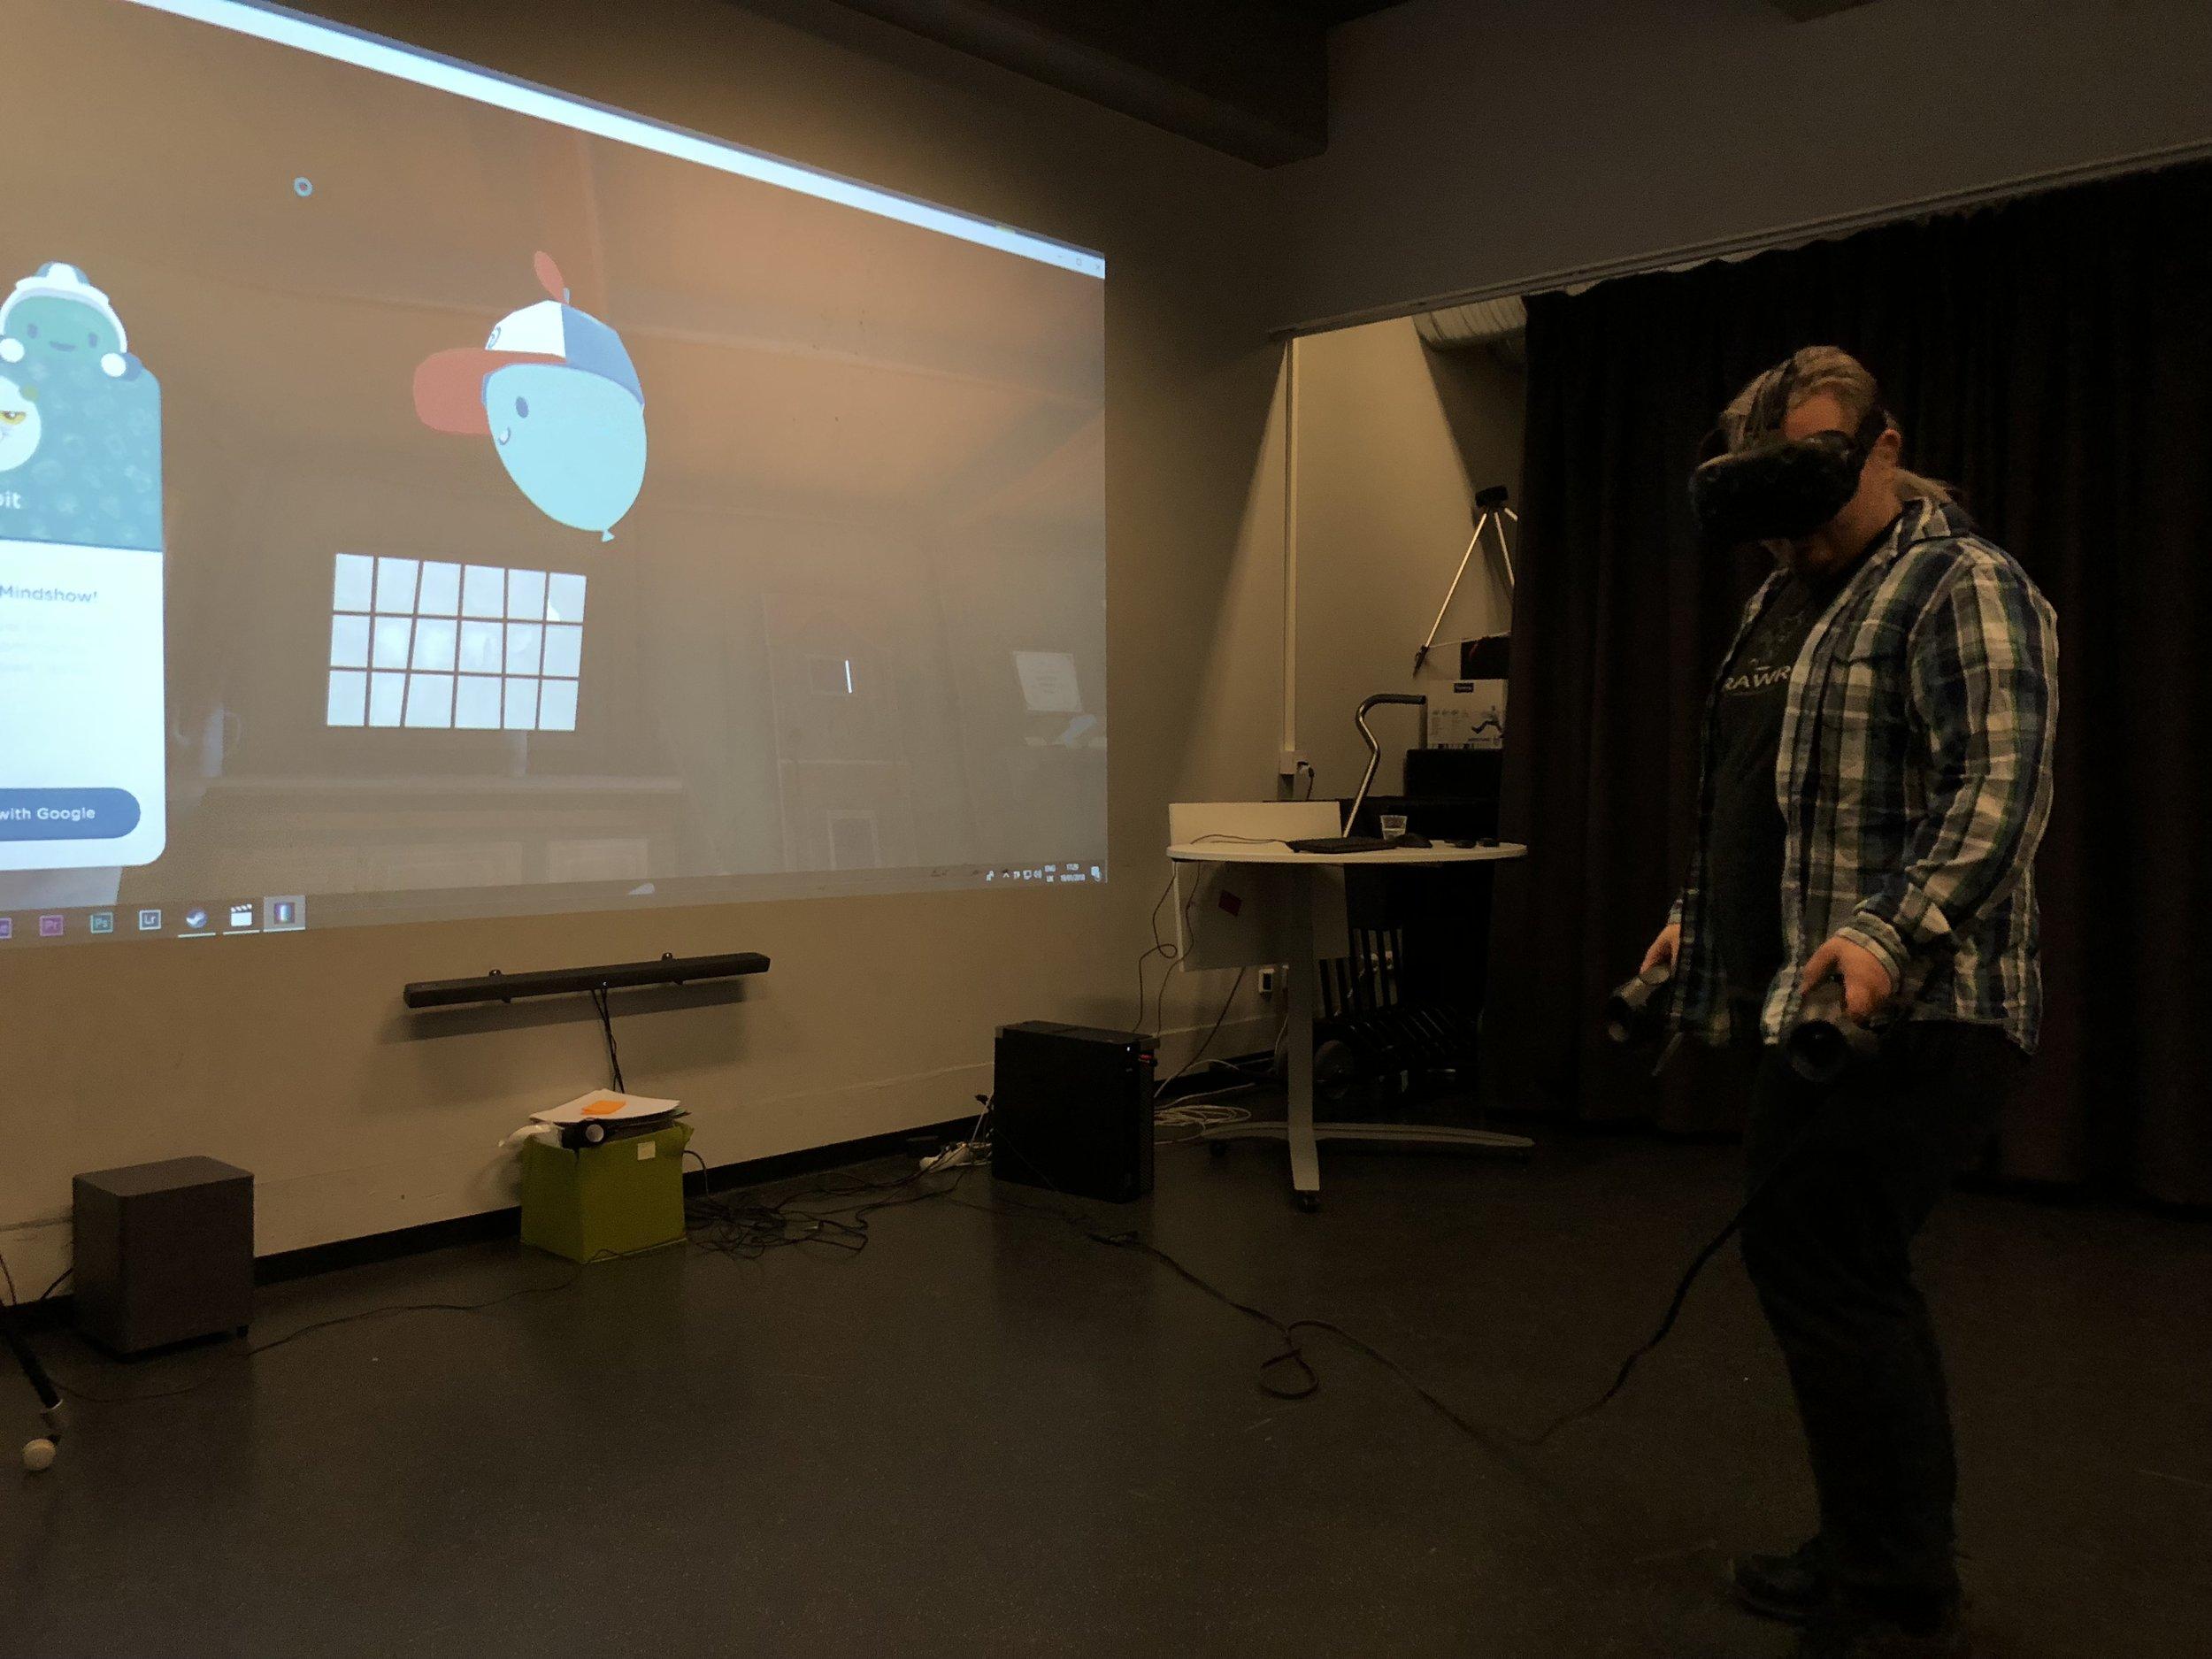 Bjørn Gisvold is demonstrating Mindshow